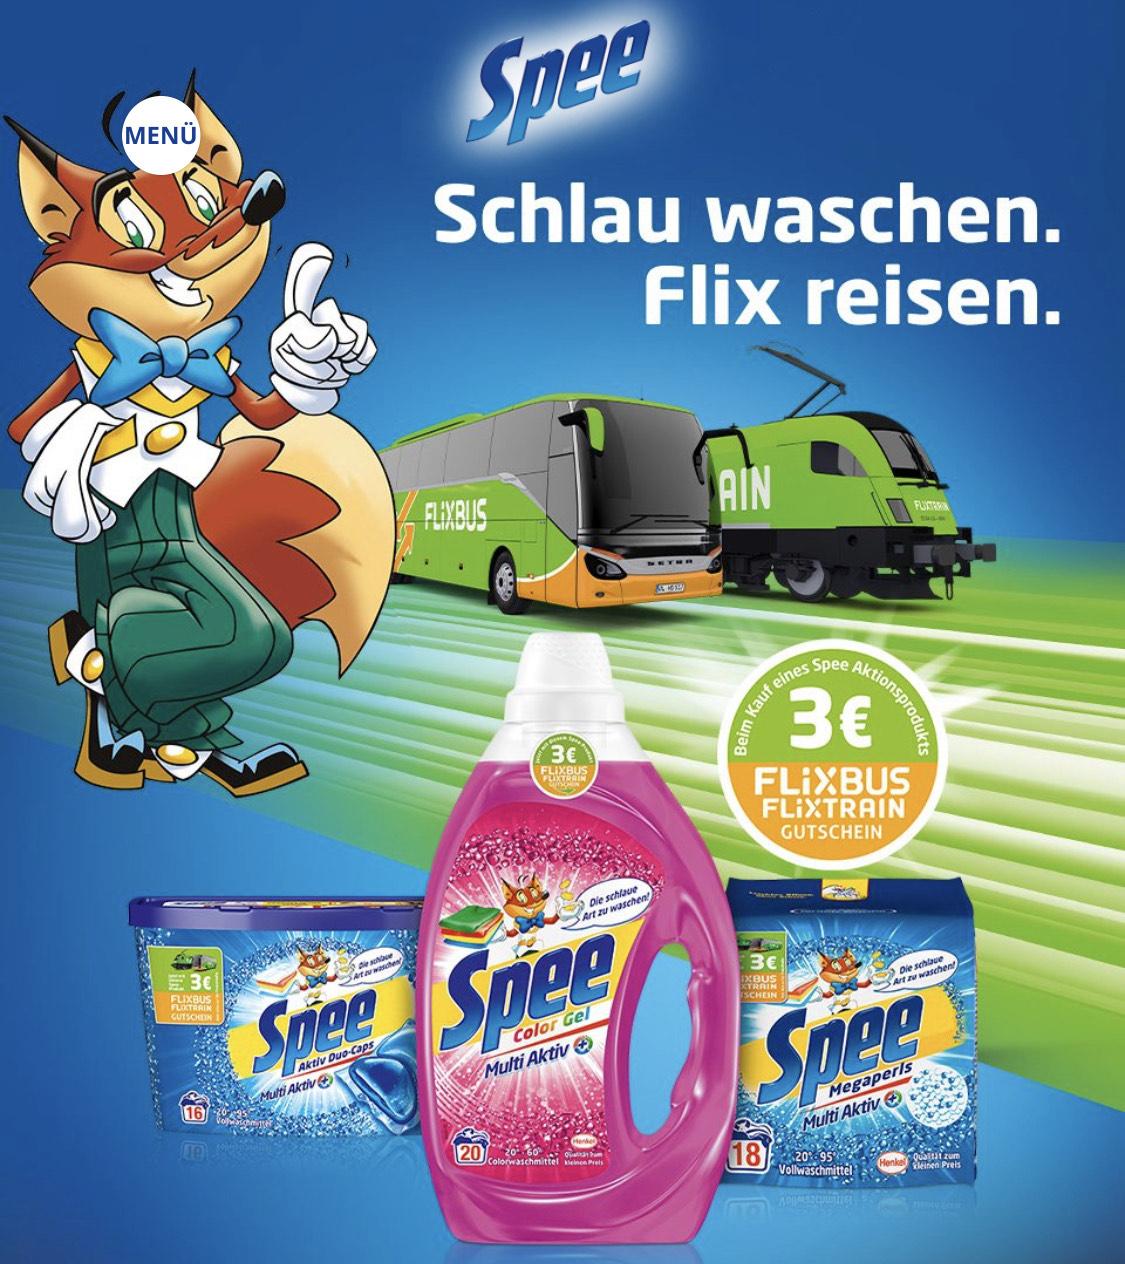 Beim Kauf von Spee 3€ Gutschein für Flixbus/Flixtrain